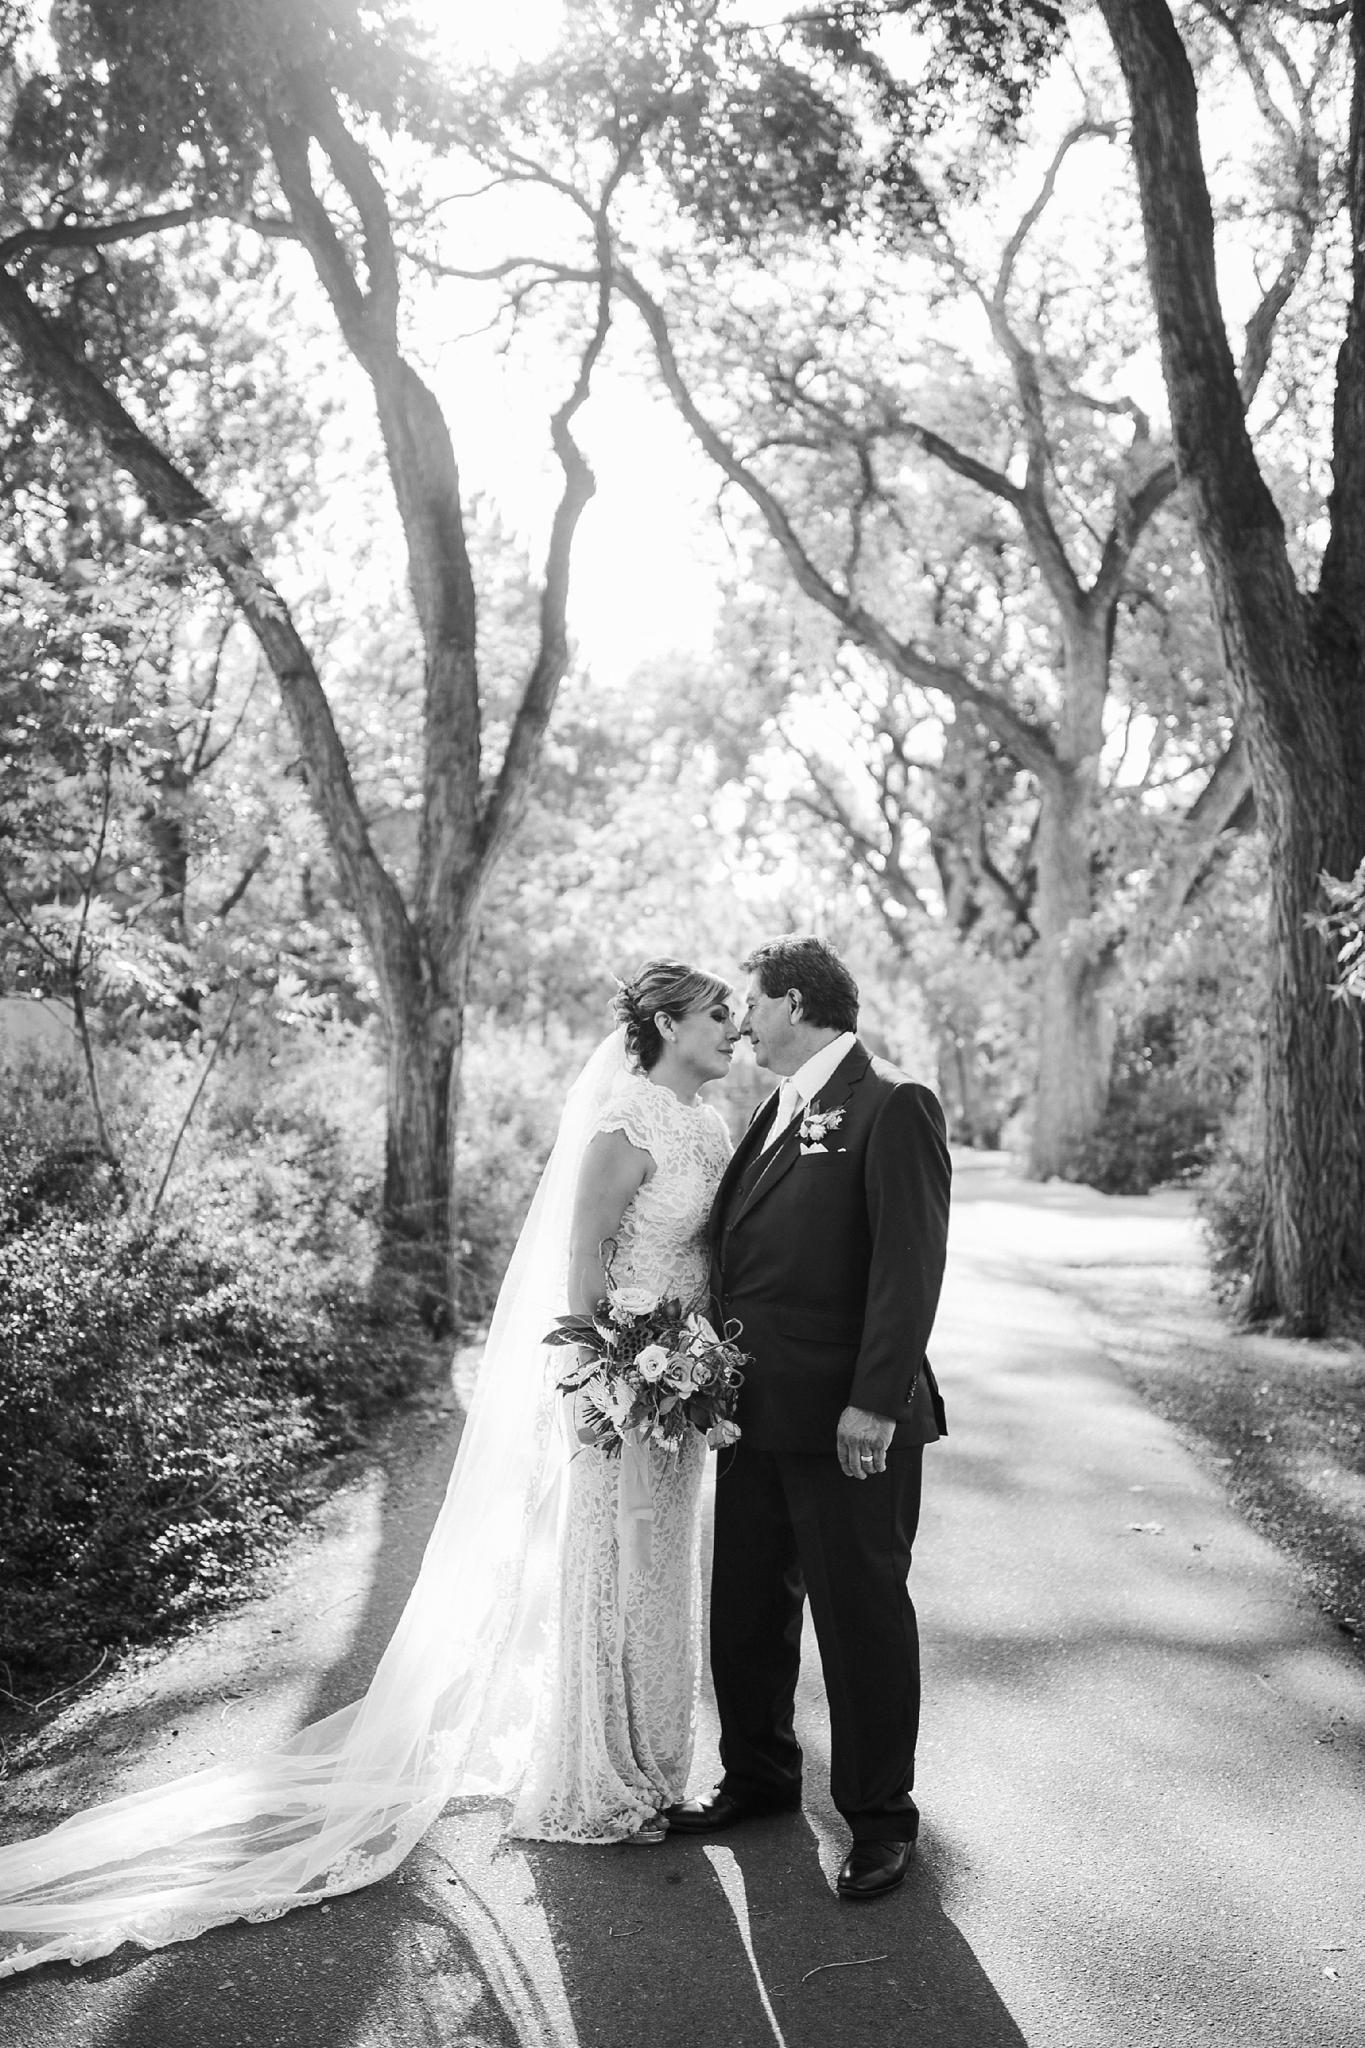 Alicia+lucia+photography+-+albuquerque+wedding+photographer+-+santa+fe+wedding+photography+-+new+mexico+wedding+photographer+-+new+mexico+wedding+-+new+mexico+wedding+-+albuquerque+wedding+-+casa+perea+wedding+-+summer+wedding_0174.jpg